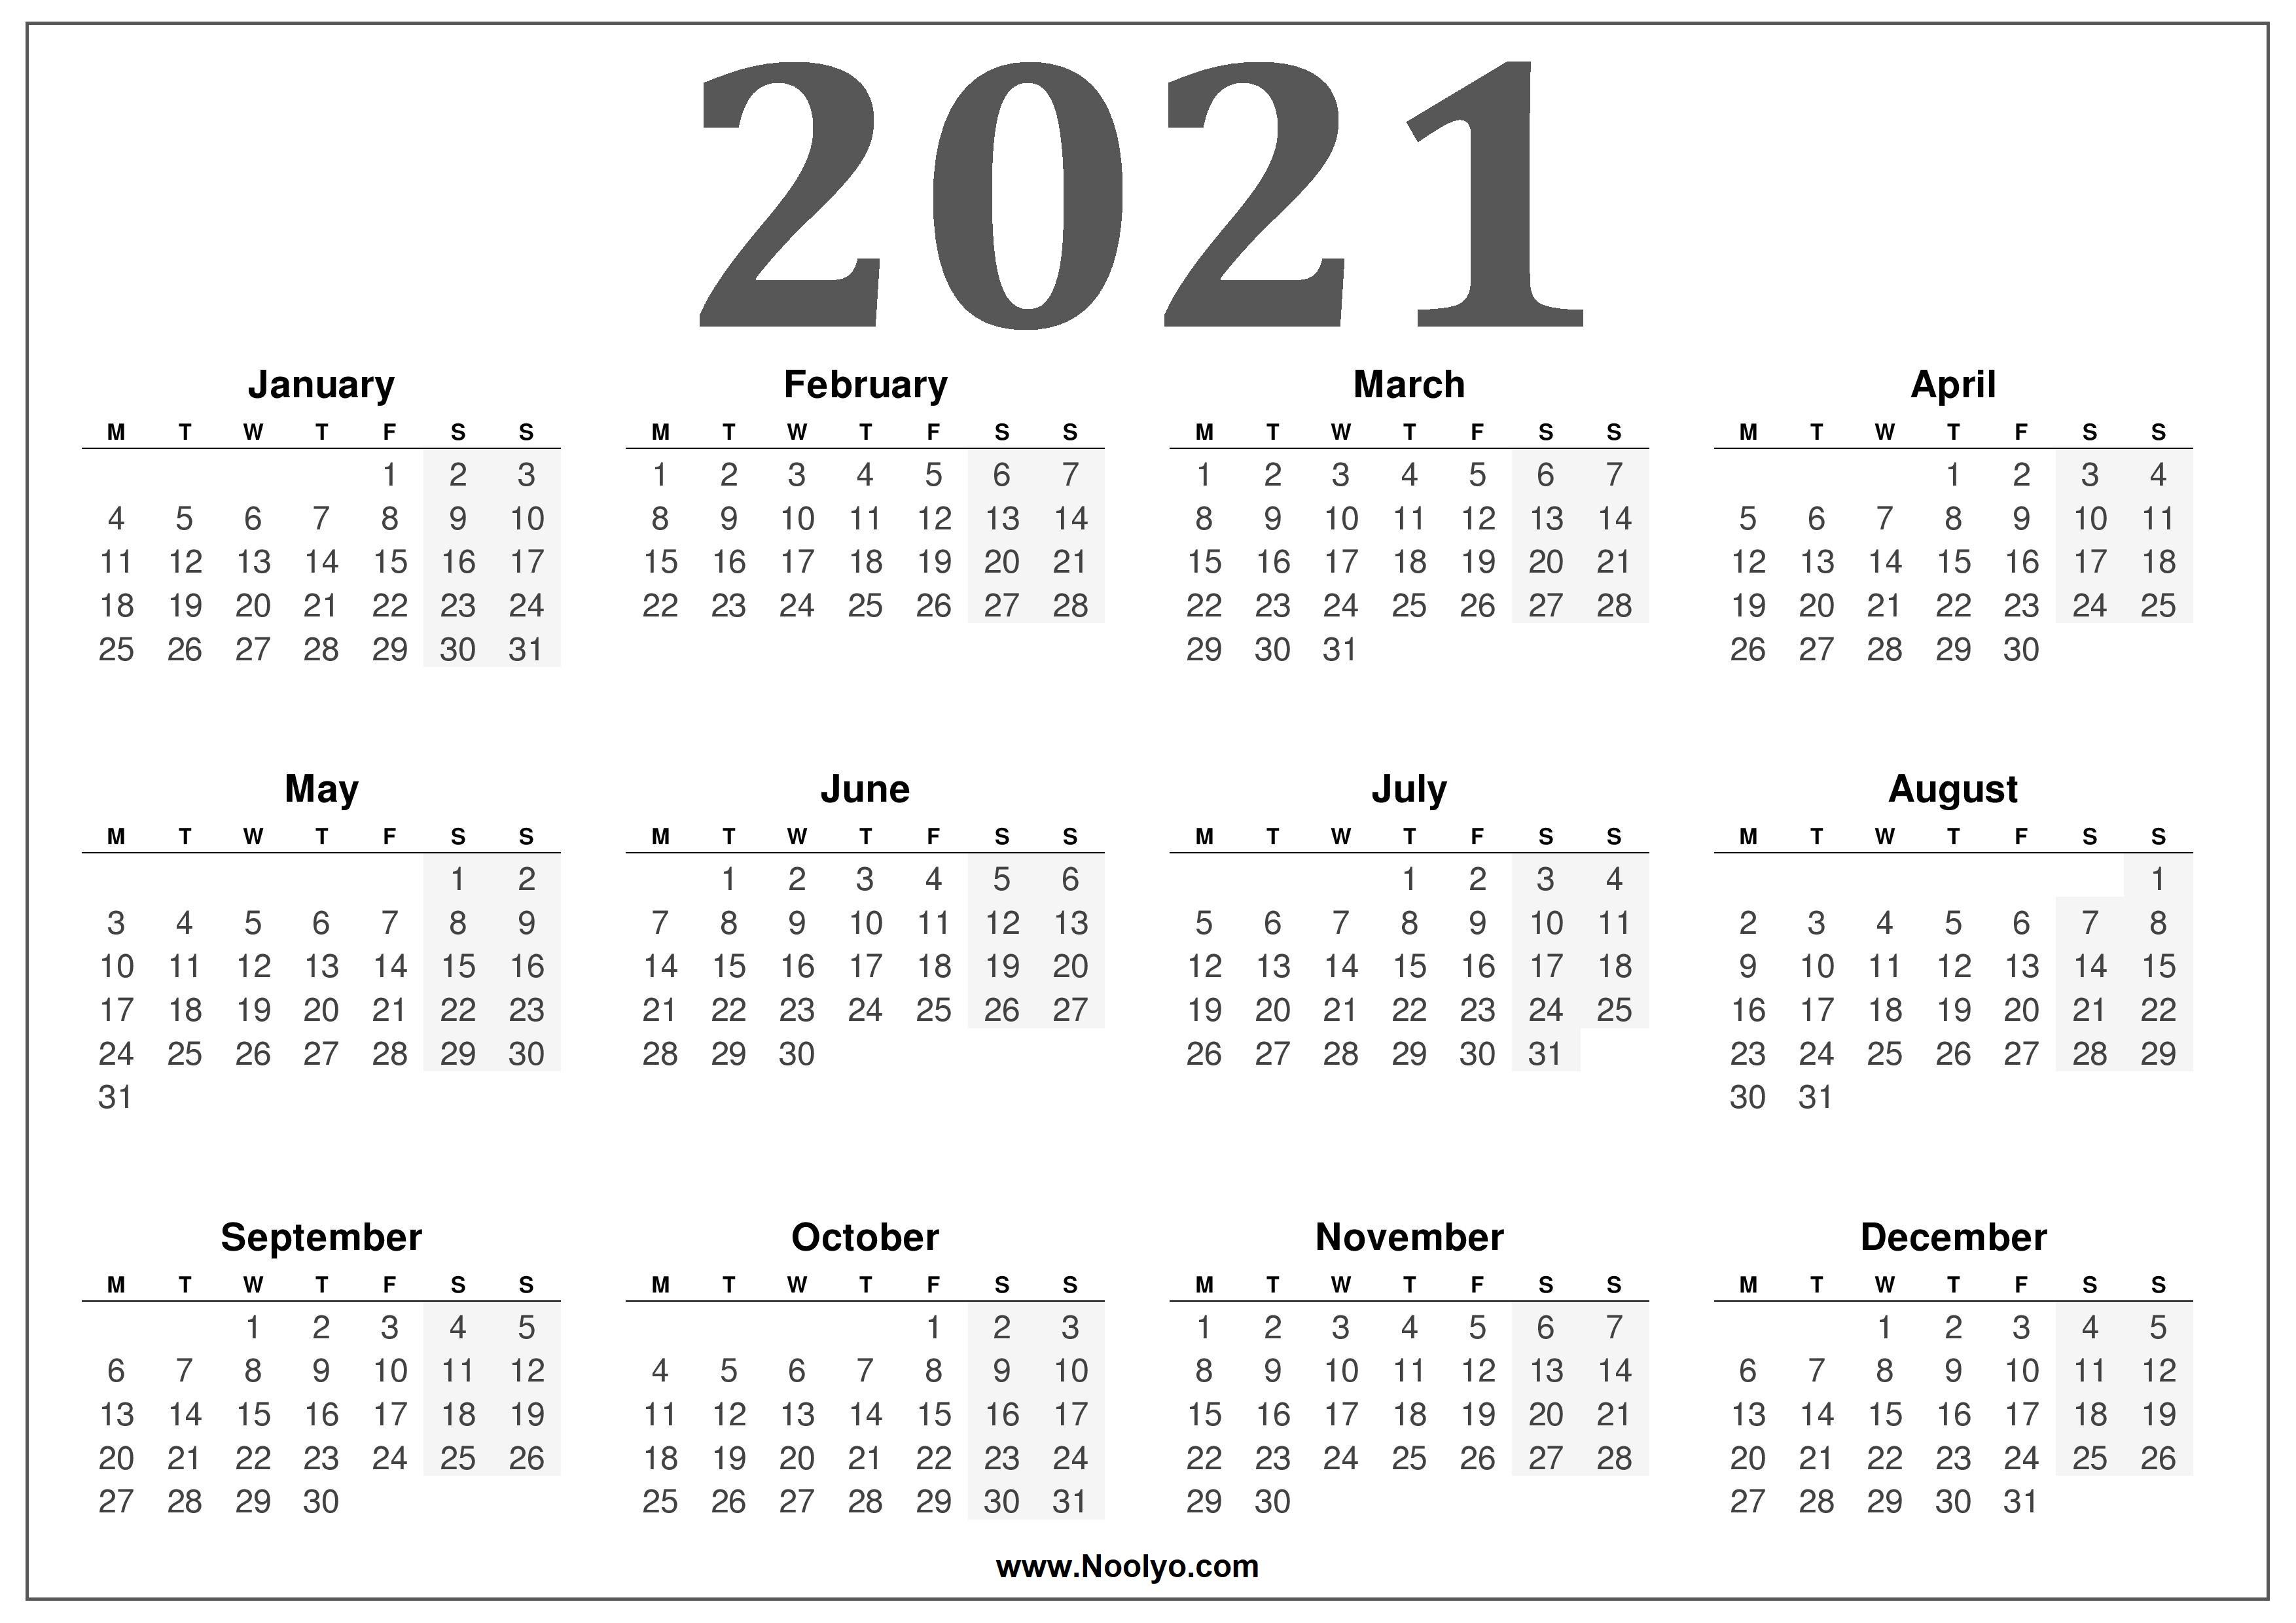 2021 UK Calendar Free Printable Calendar - Noolyo.com